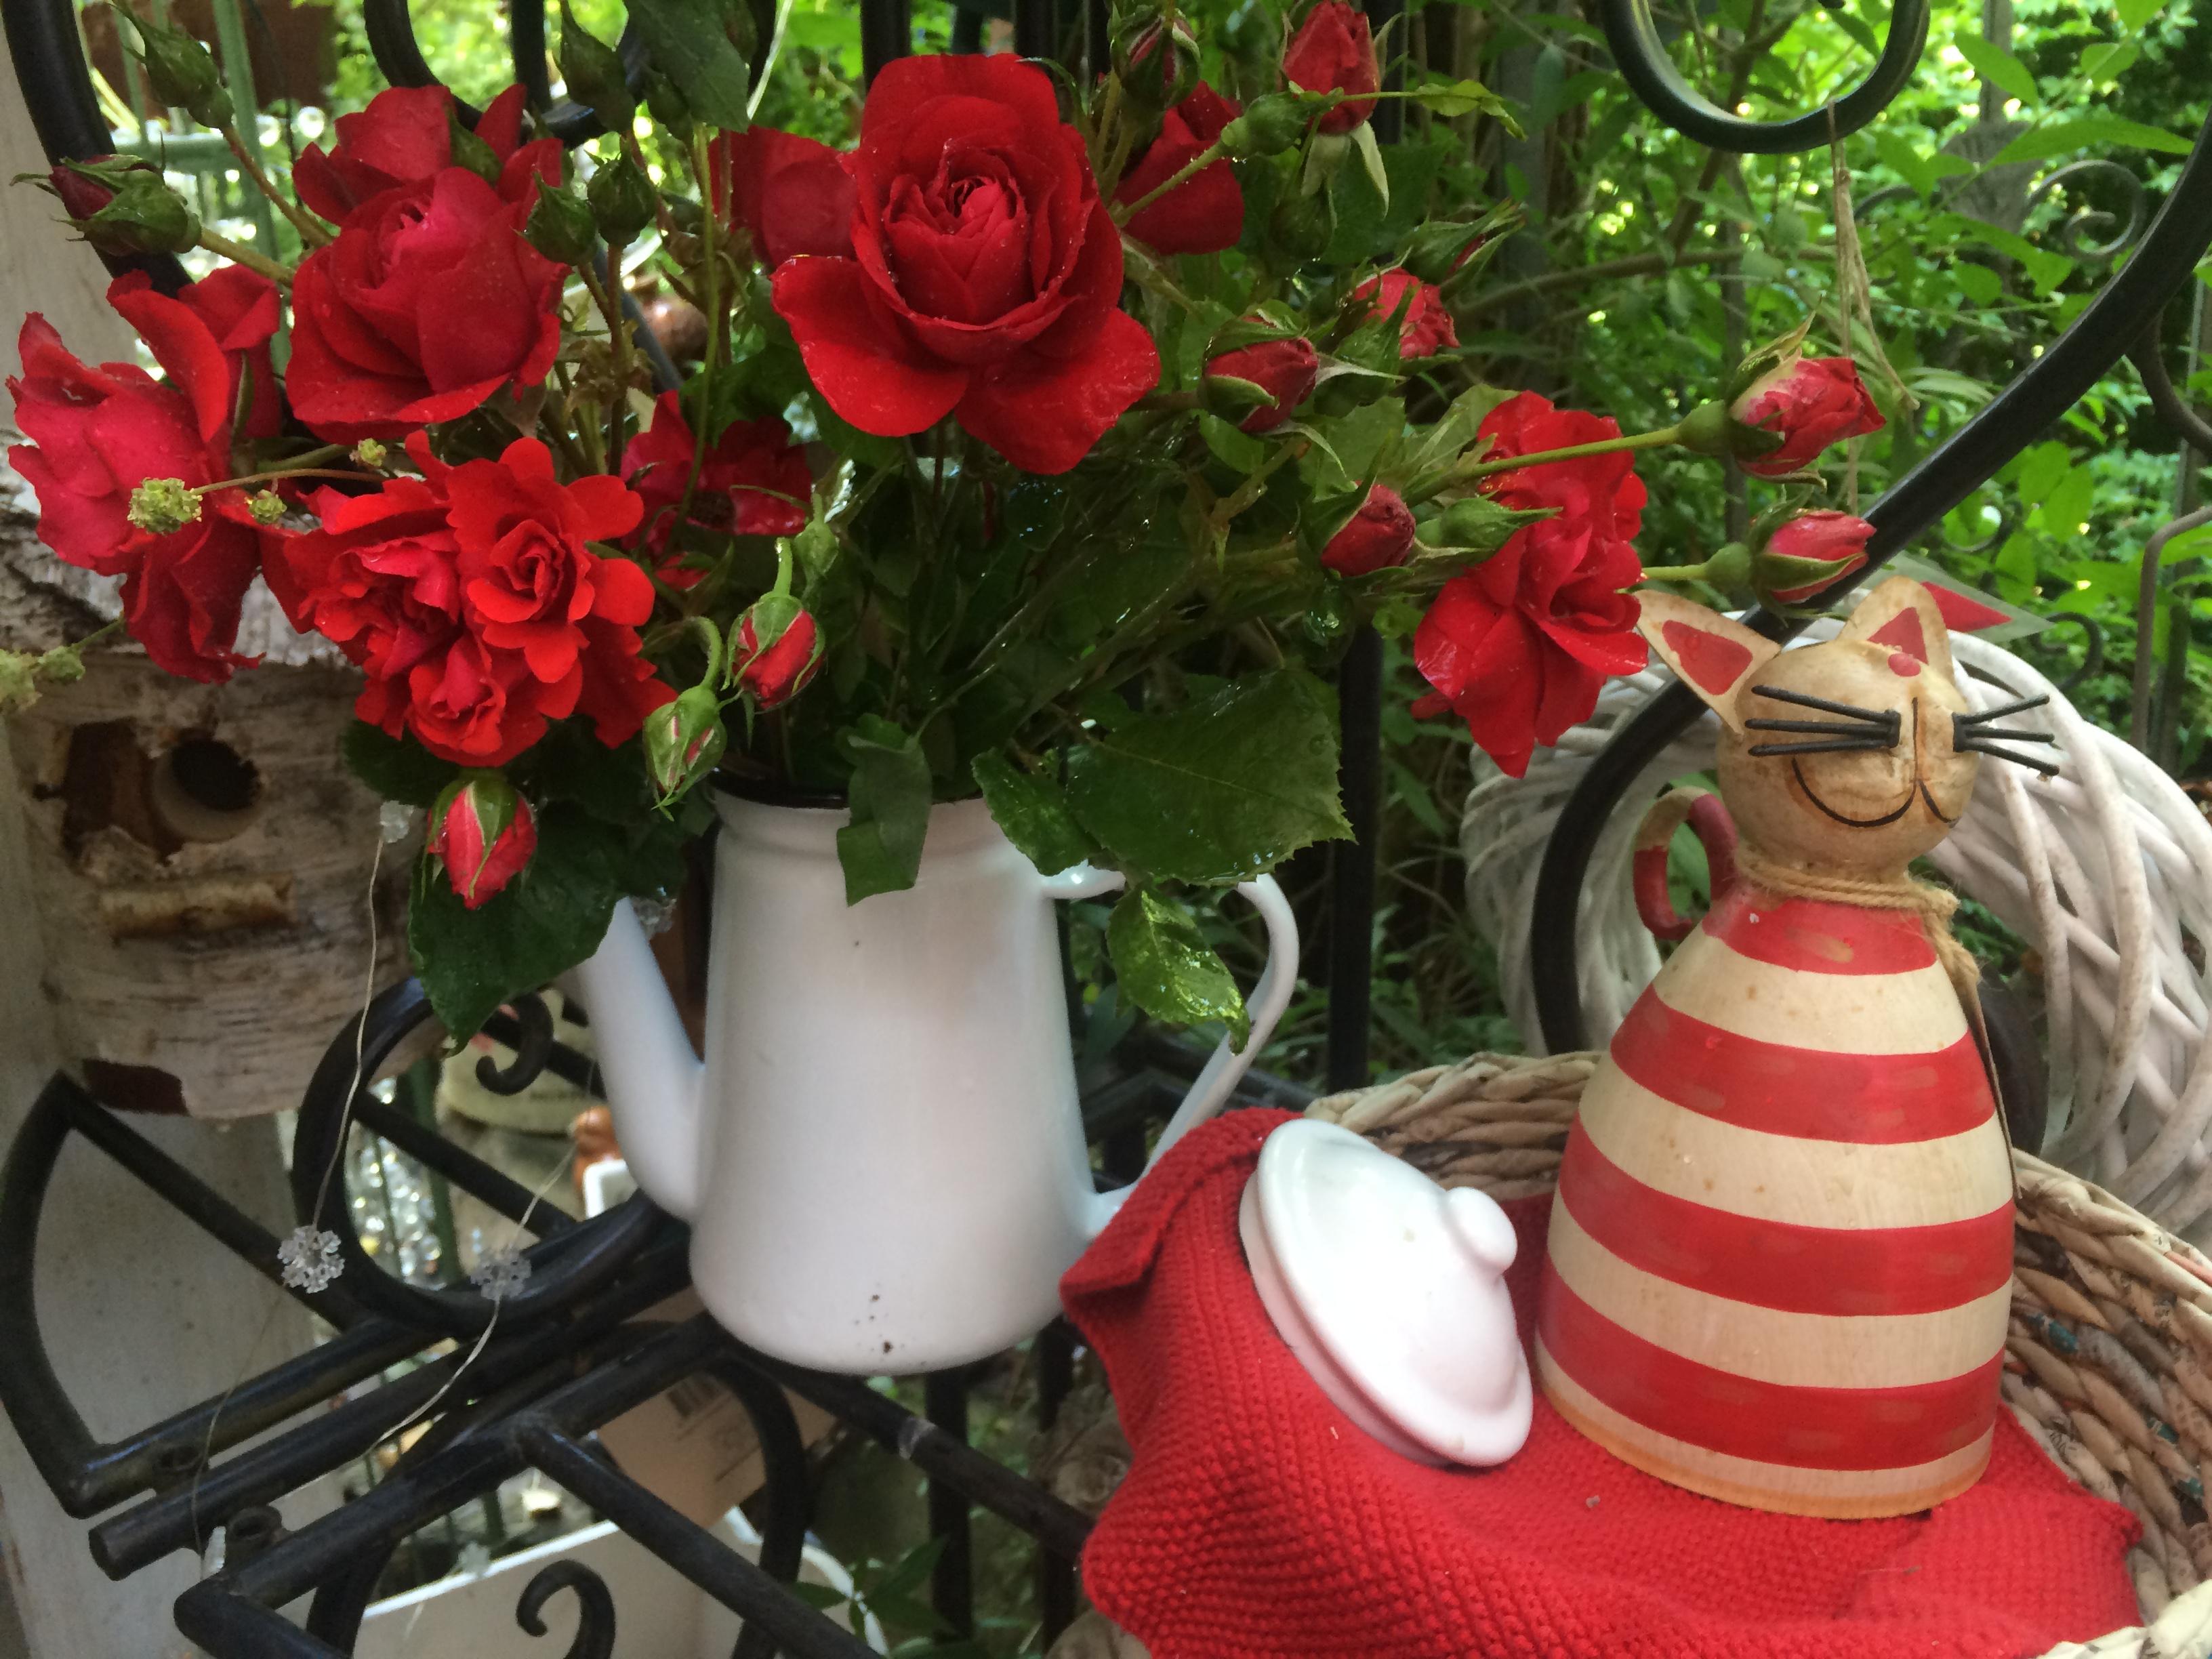 Zaunhocker, Kaffeekanne als Vase